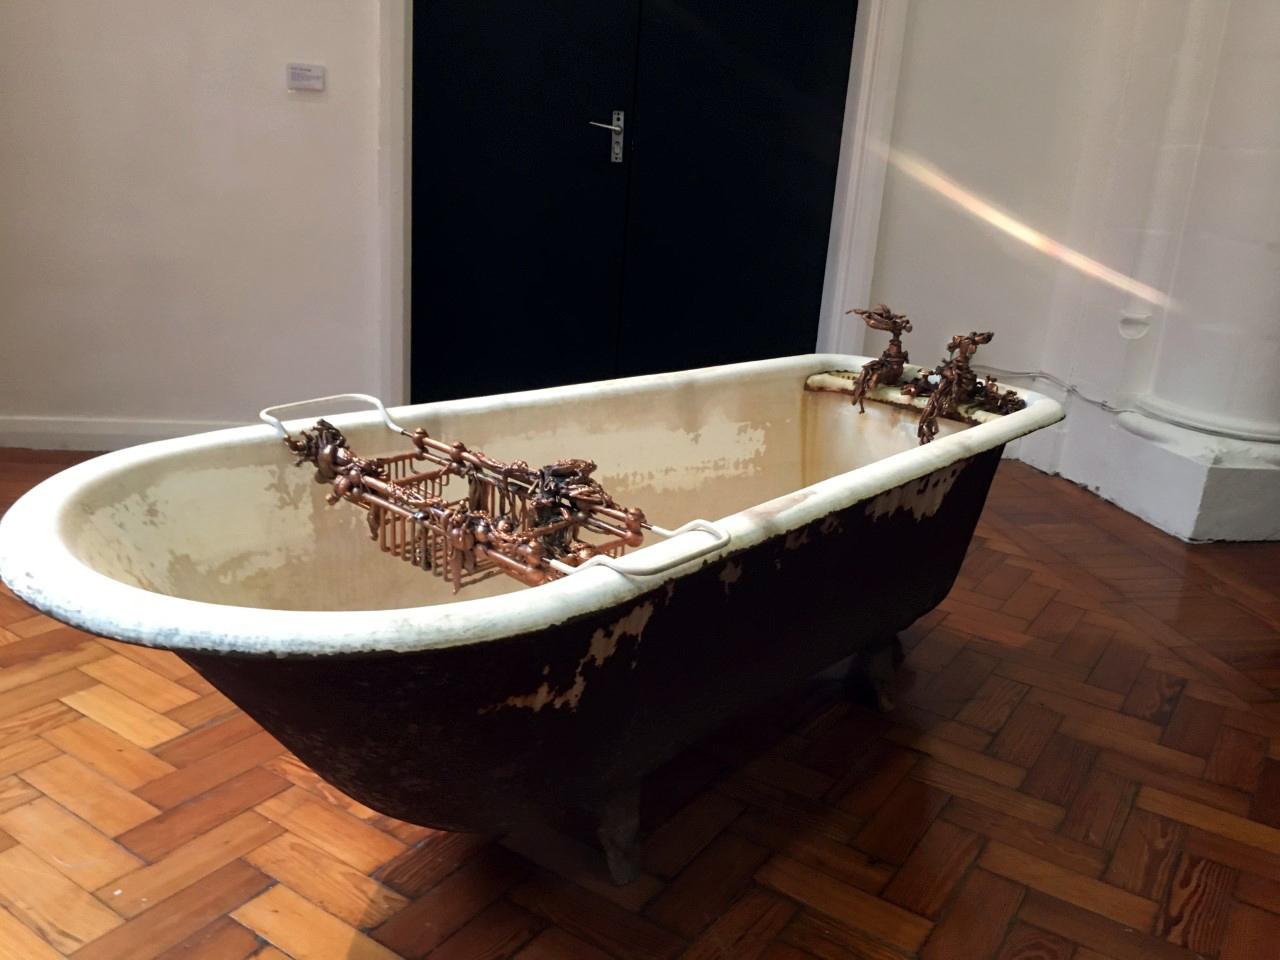 Katrin Spranger, 'Aquatopia Bath' (2018)